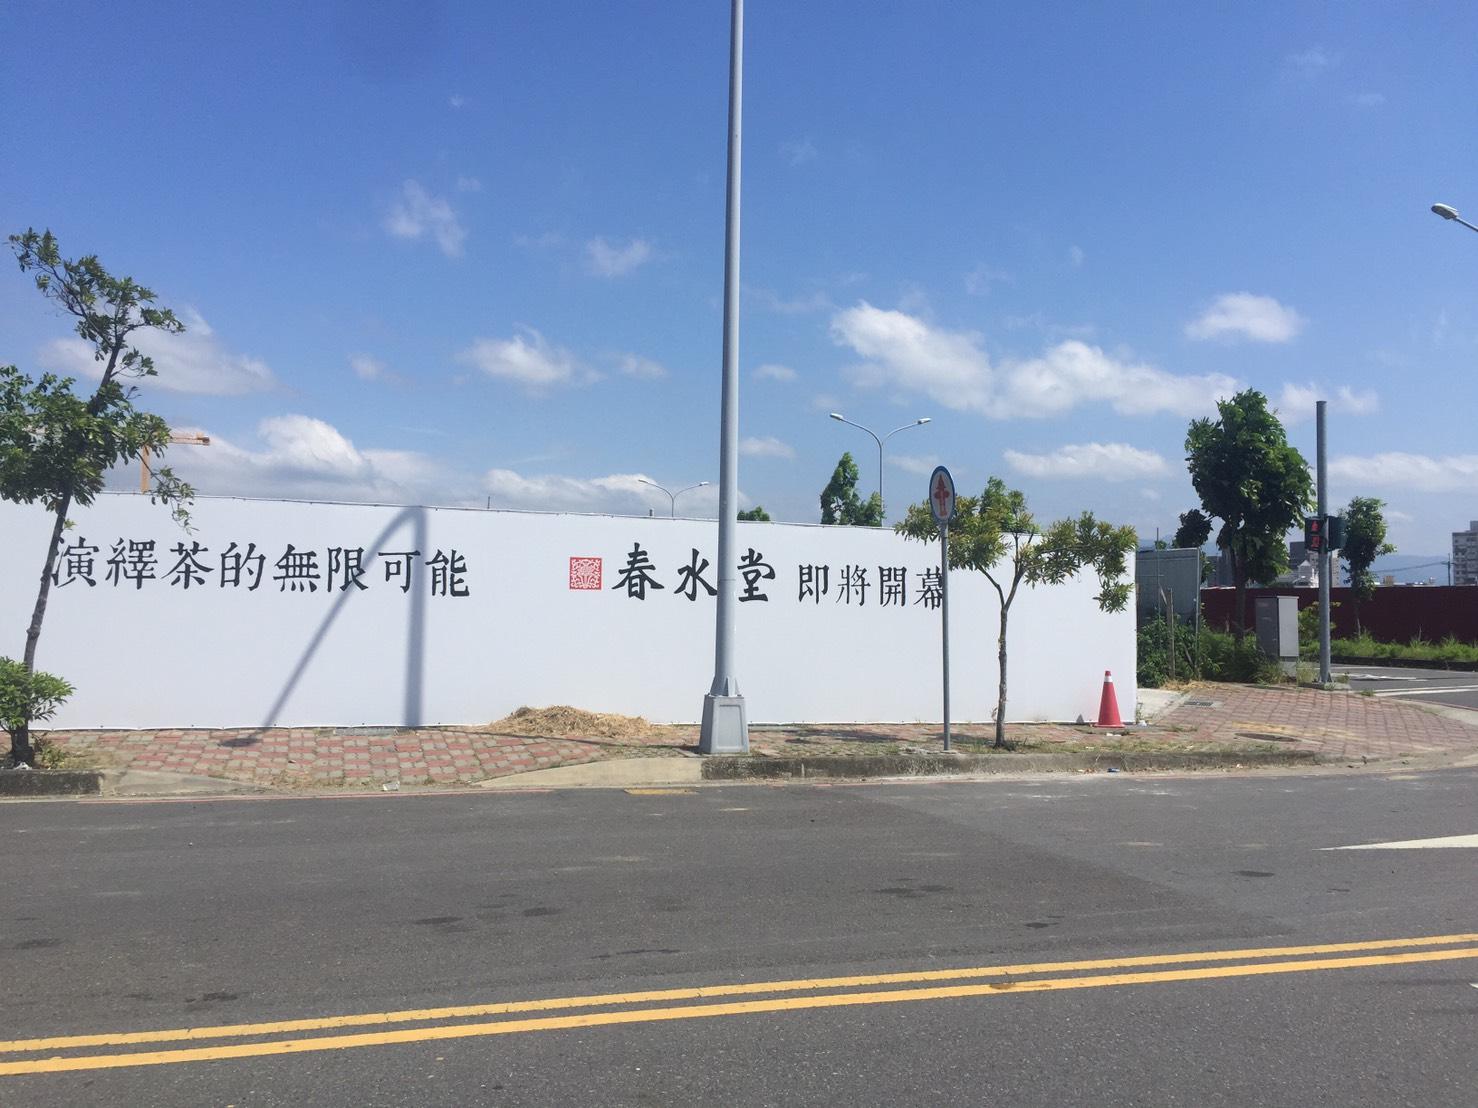 圖片:新興重劃區「好市多」不夠看「春水堂」落腳單元十二  新興商圈再添房市動能!